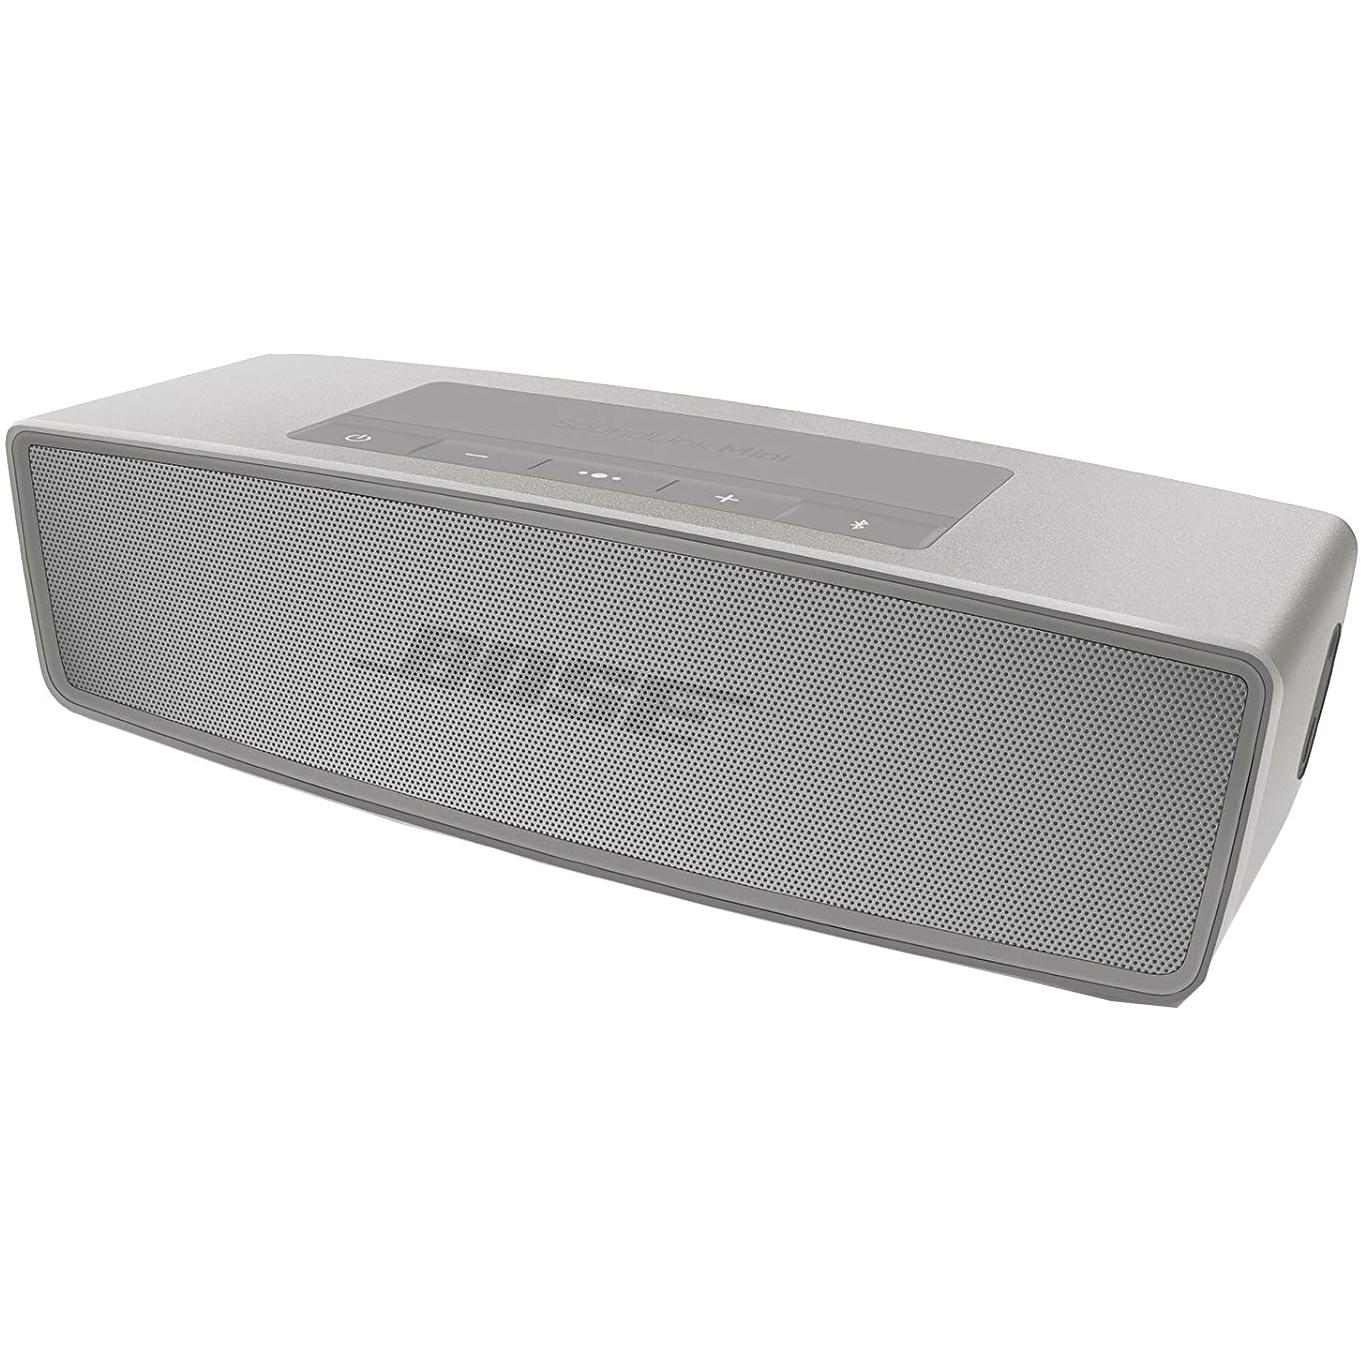 Fotografie Boxa portabila Bose SoundLink Mini Bluetooth Series II, argintiu